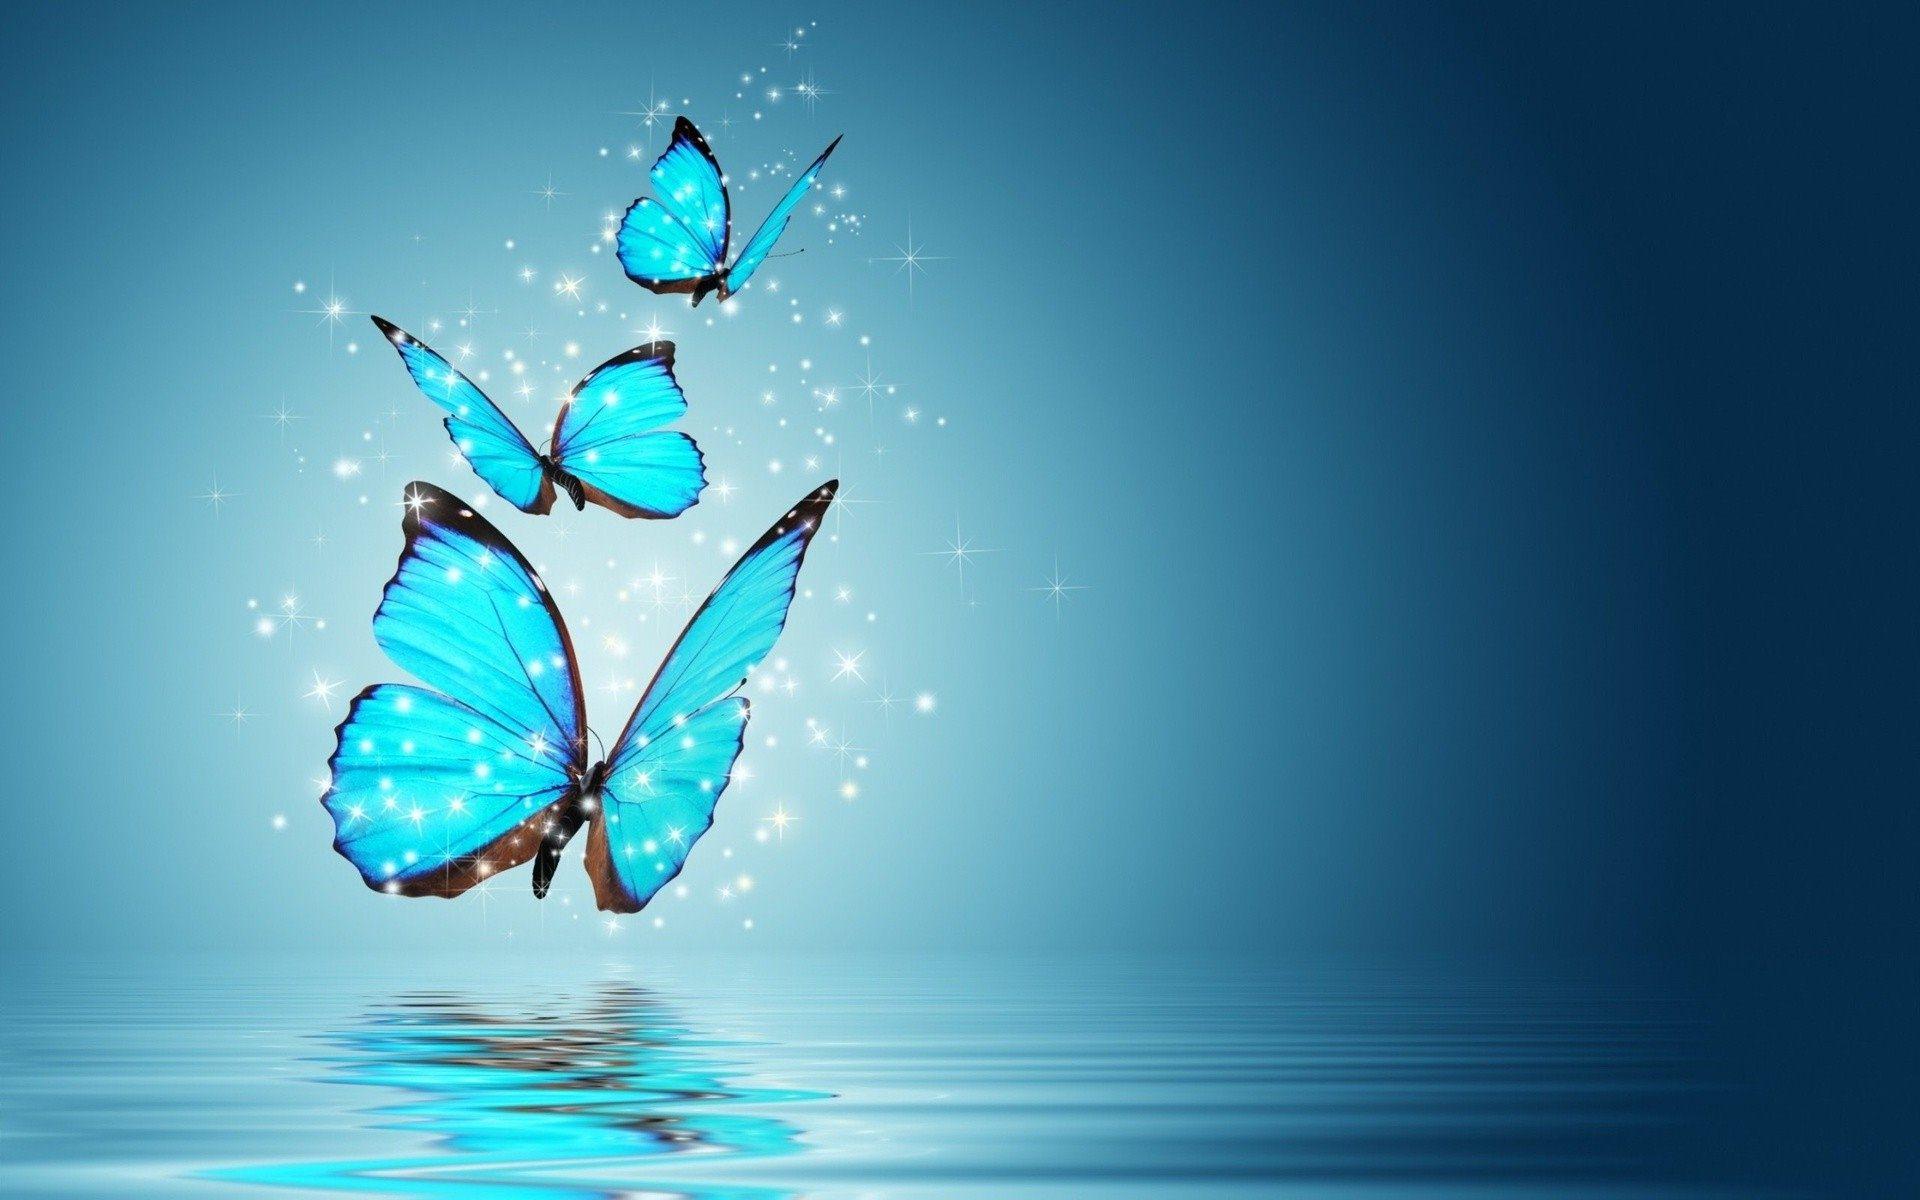 Butterfly Background Desktop Wallpaper 16290   Baltana 1920x1200